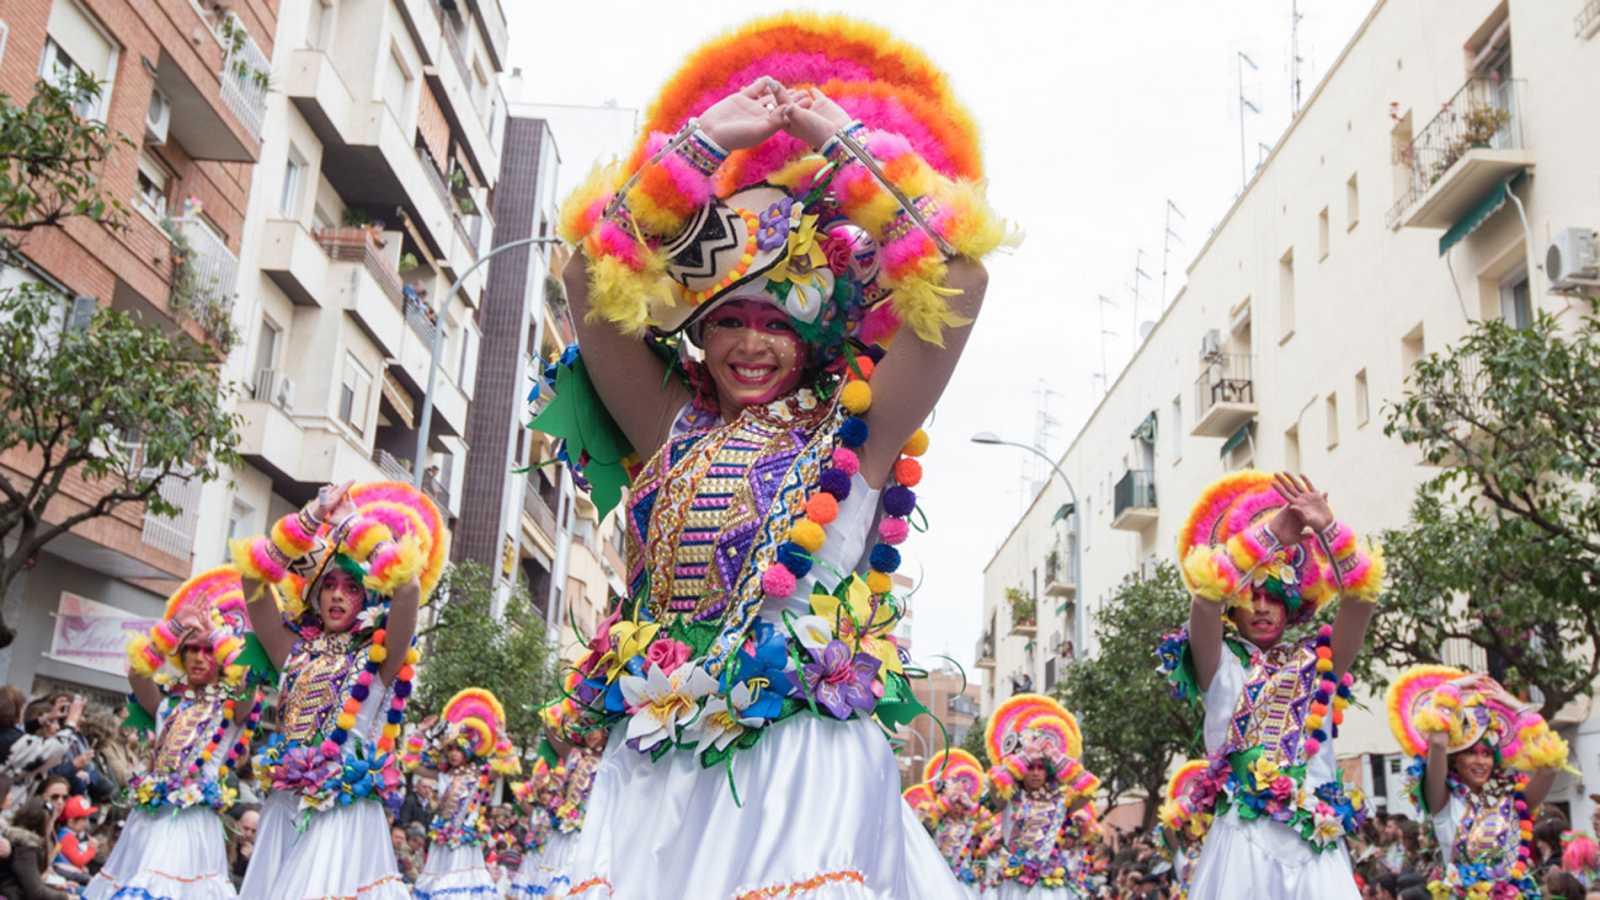 Comienzan emblemáticas fiestas de Carnaval en ciudades como Cádiz, Santa Cruz de Tenerife, Las Palmas y Badajoz